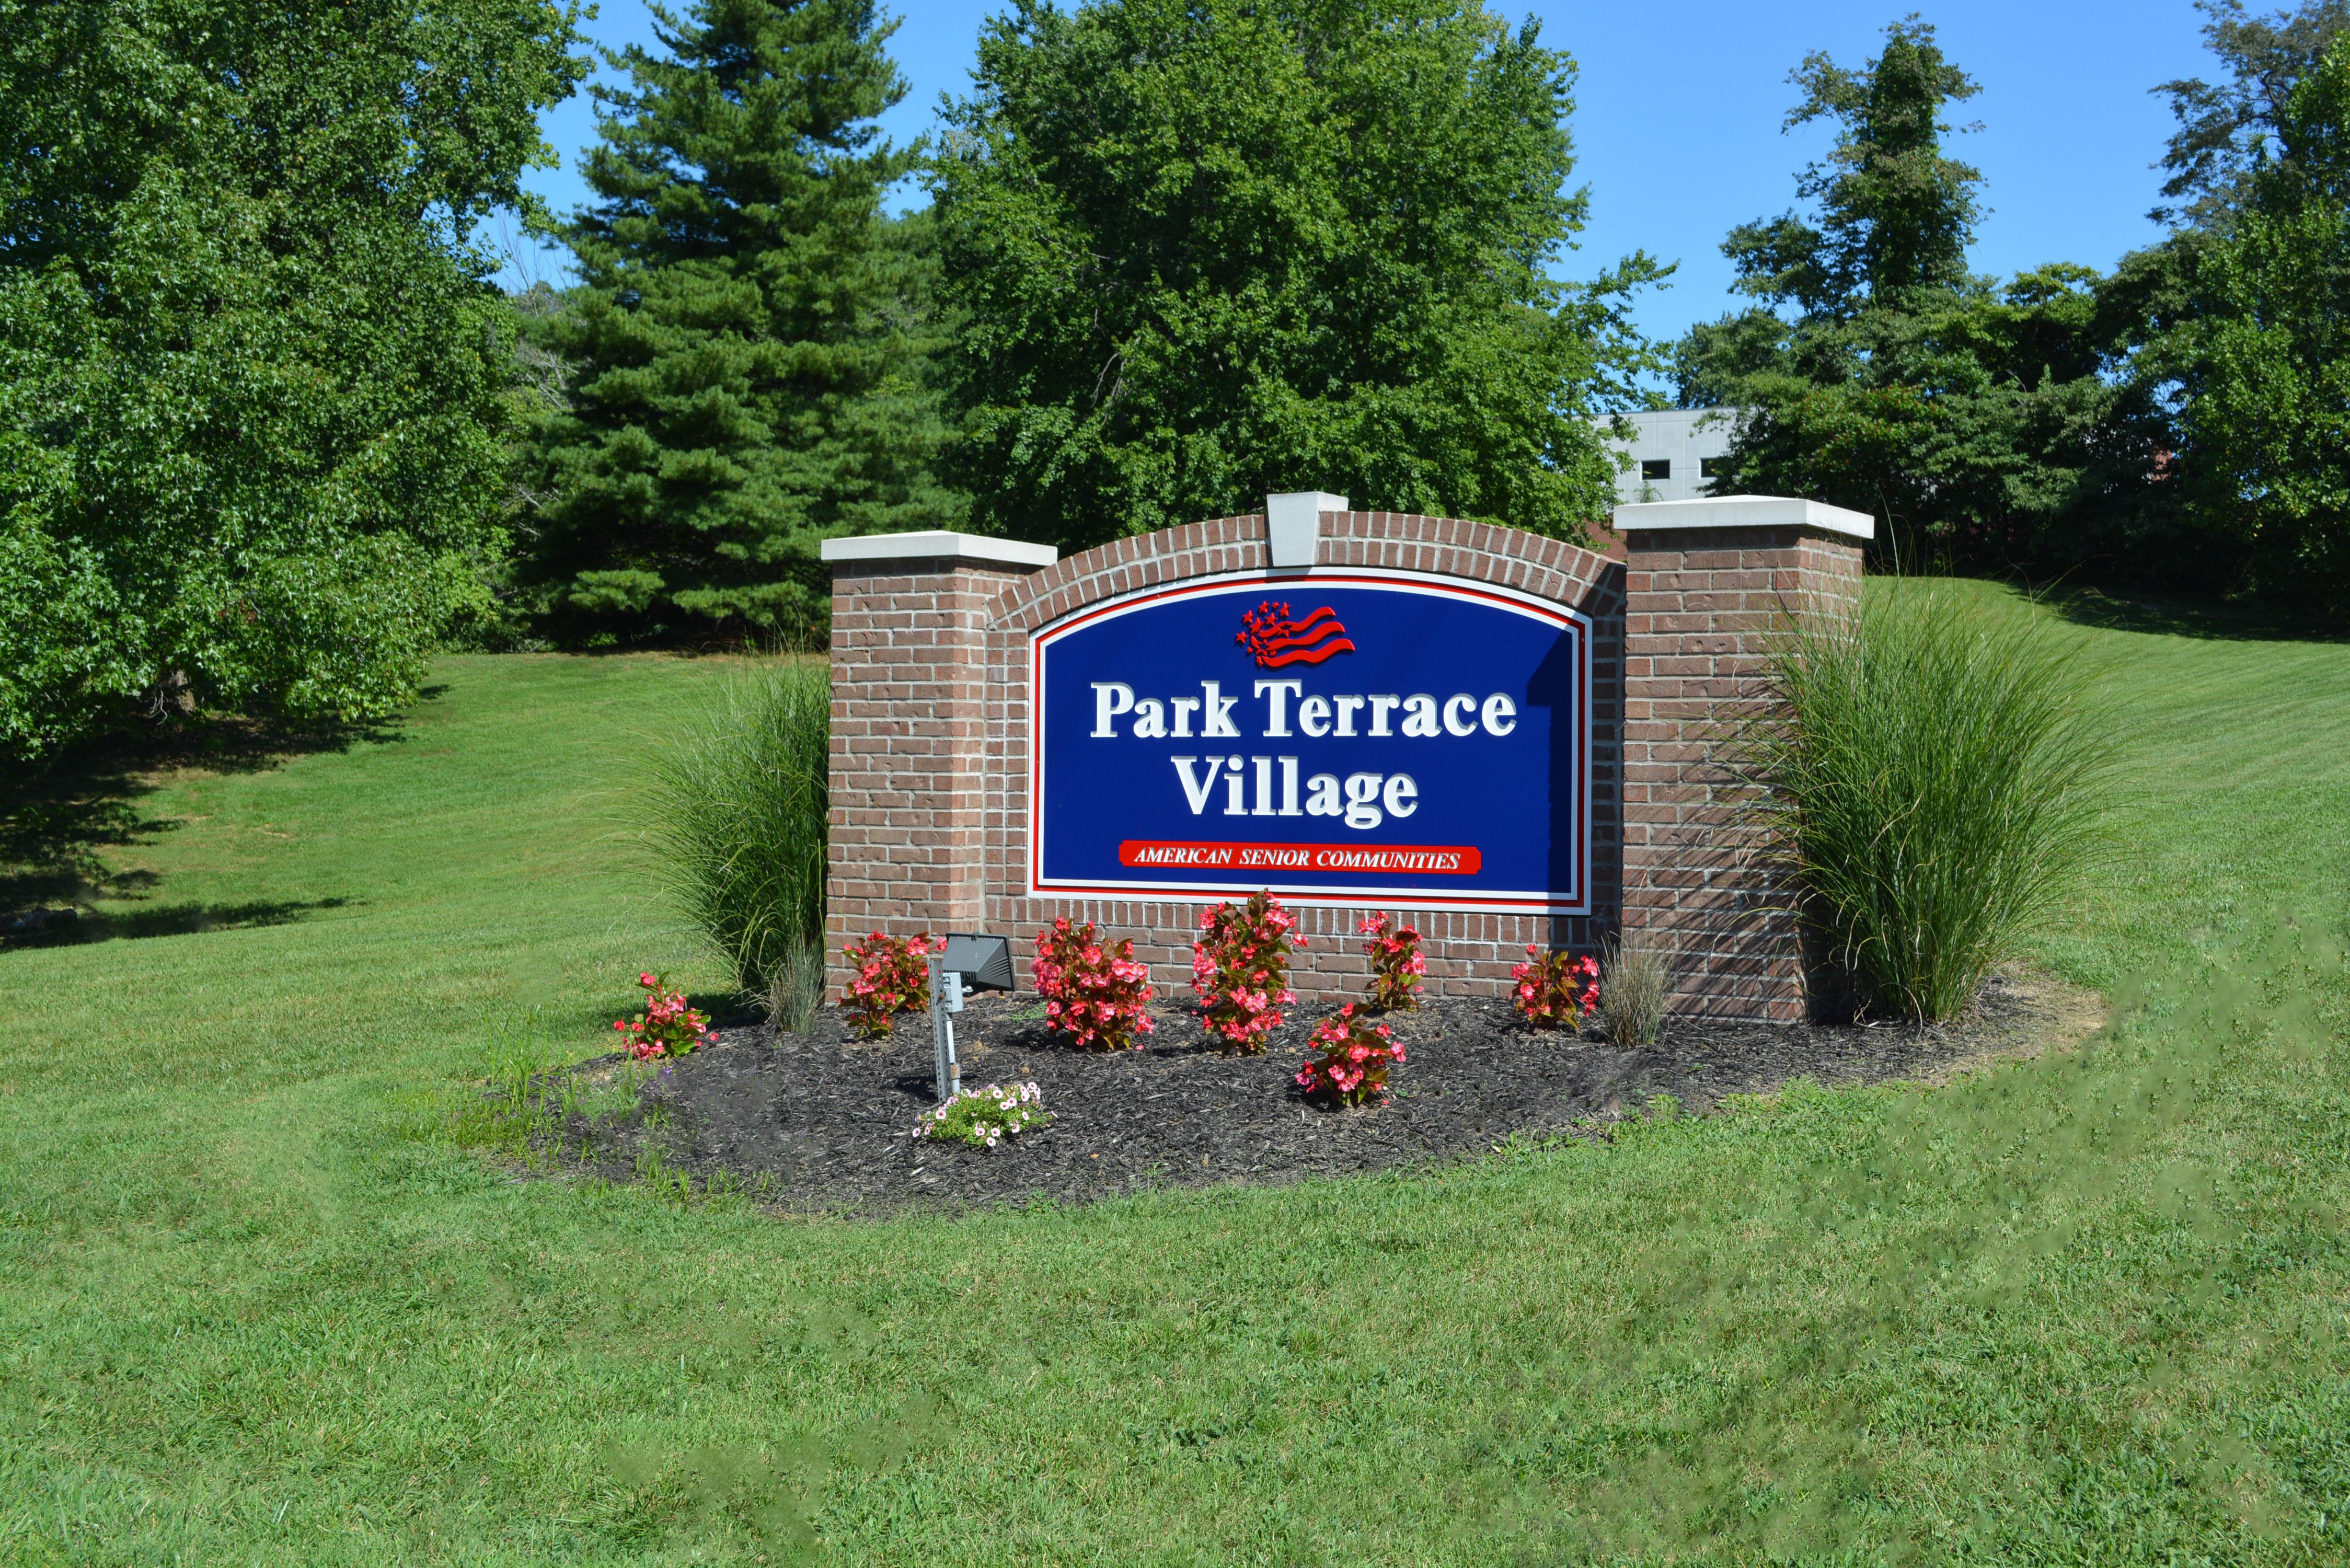 Park Terrace Village image 6